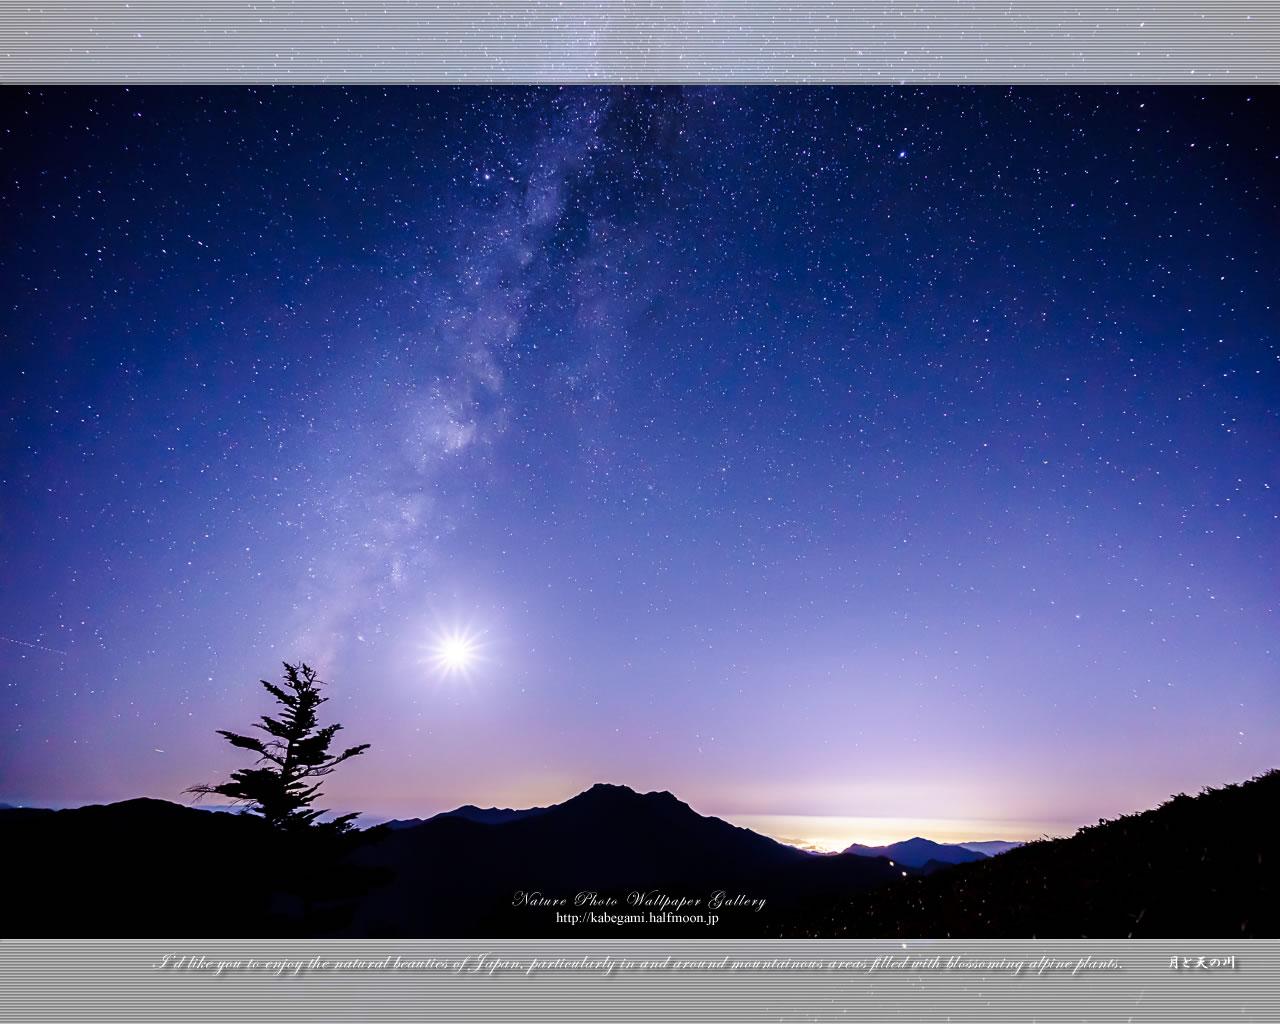 星景写真の高画質壁紙 月と天の川 ネイチャーフォト壁紙館